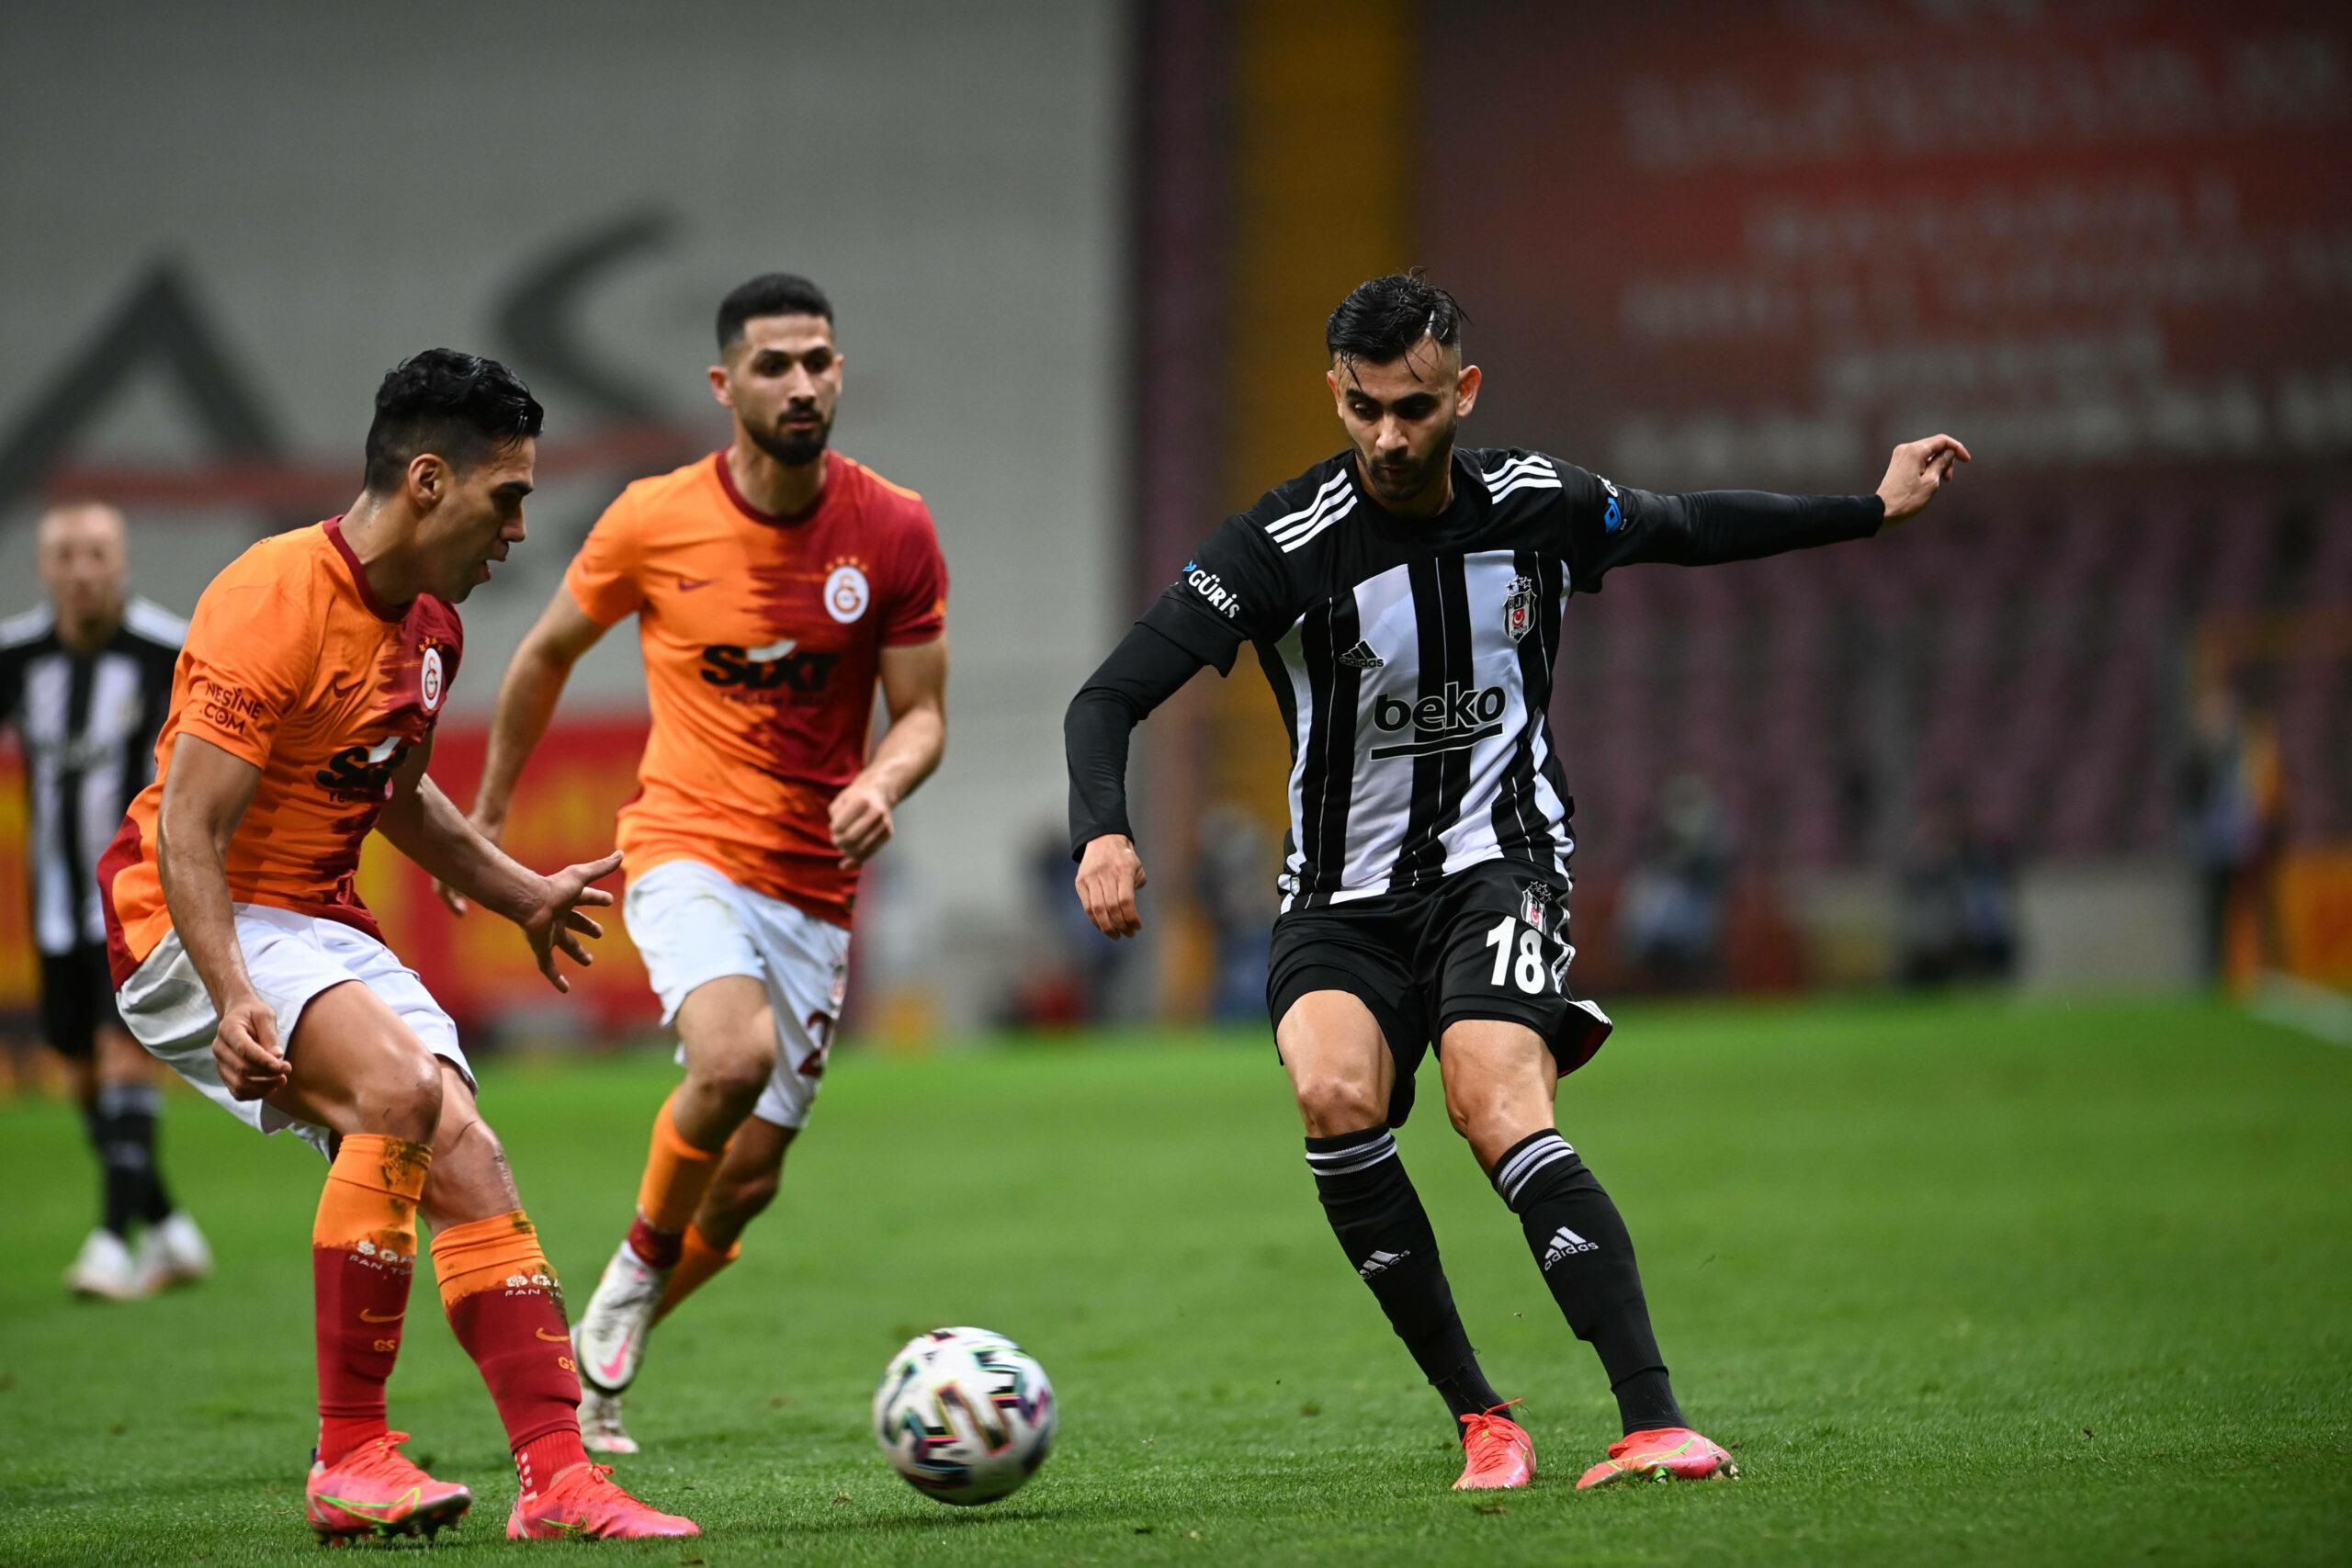 Besiktas Galatasaray Fenerbahce Istanbul